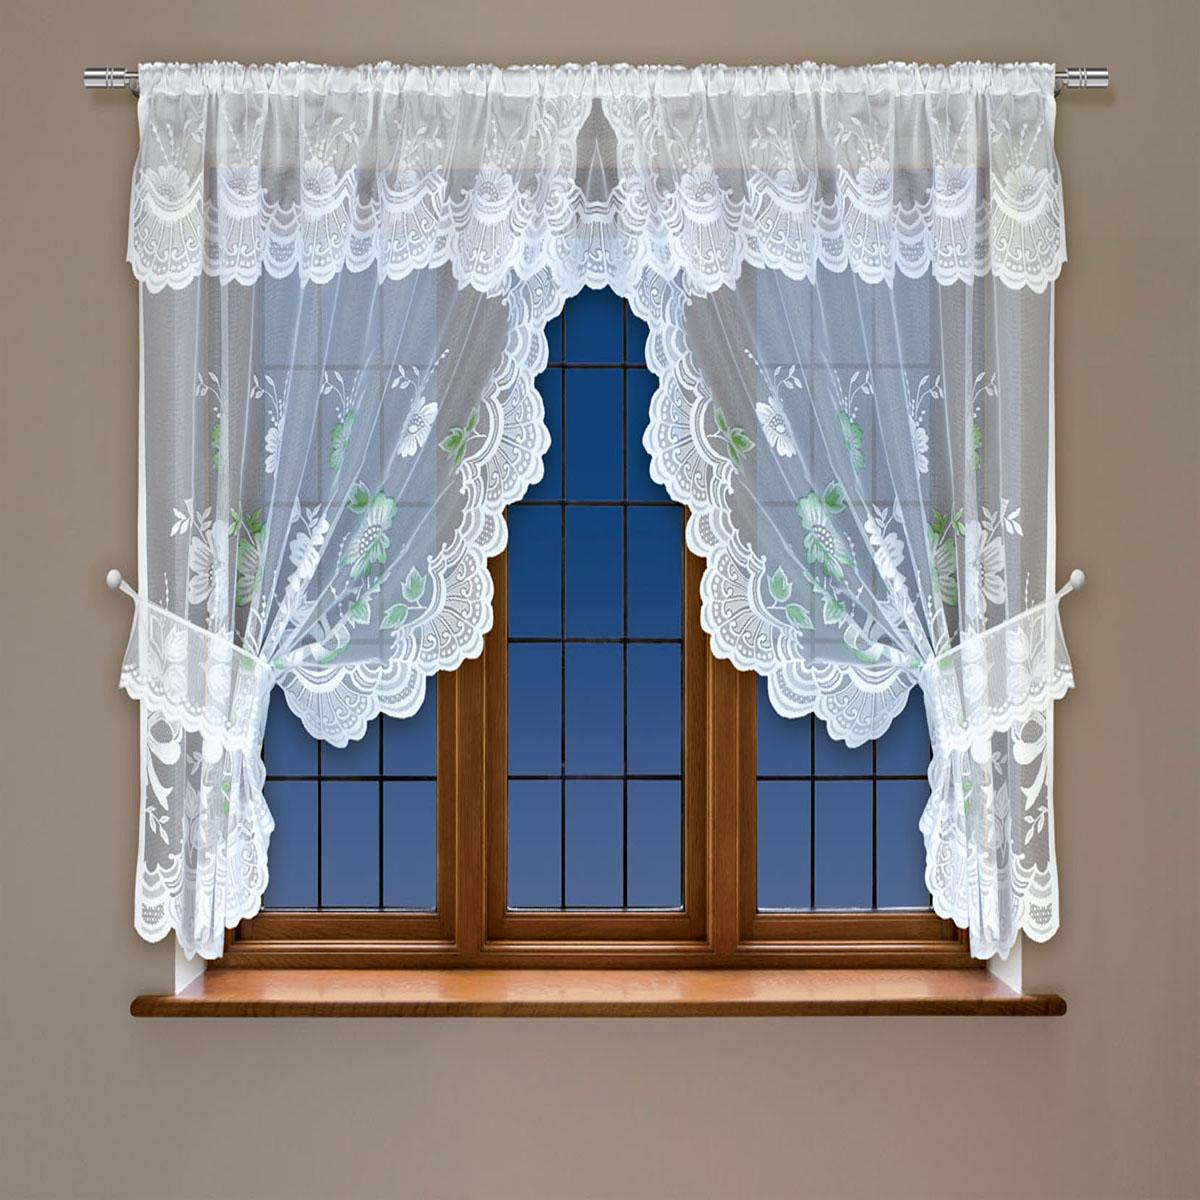 Гардина Haft, на кулиске, цвет: белый, высота 91 см. 202561202561/91 белыйВоздушная гардина Haft, выполненная из полиэстера, великолепно украсит любое окно.Изделие имеет оригинальный дизайн и органично впишется в интерьер помещения.Гардина крепится на карниз при помощи кулиски.